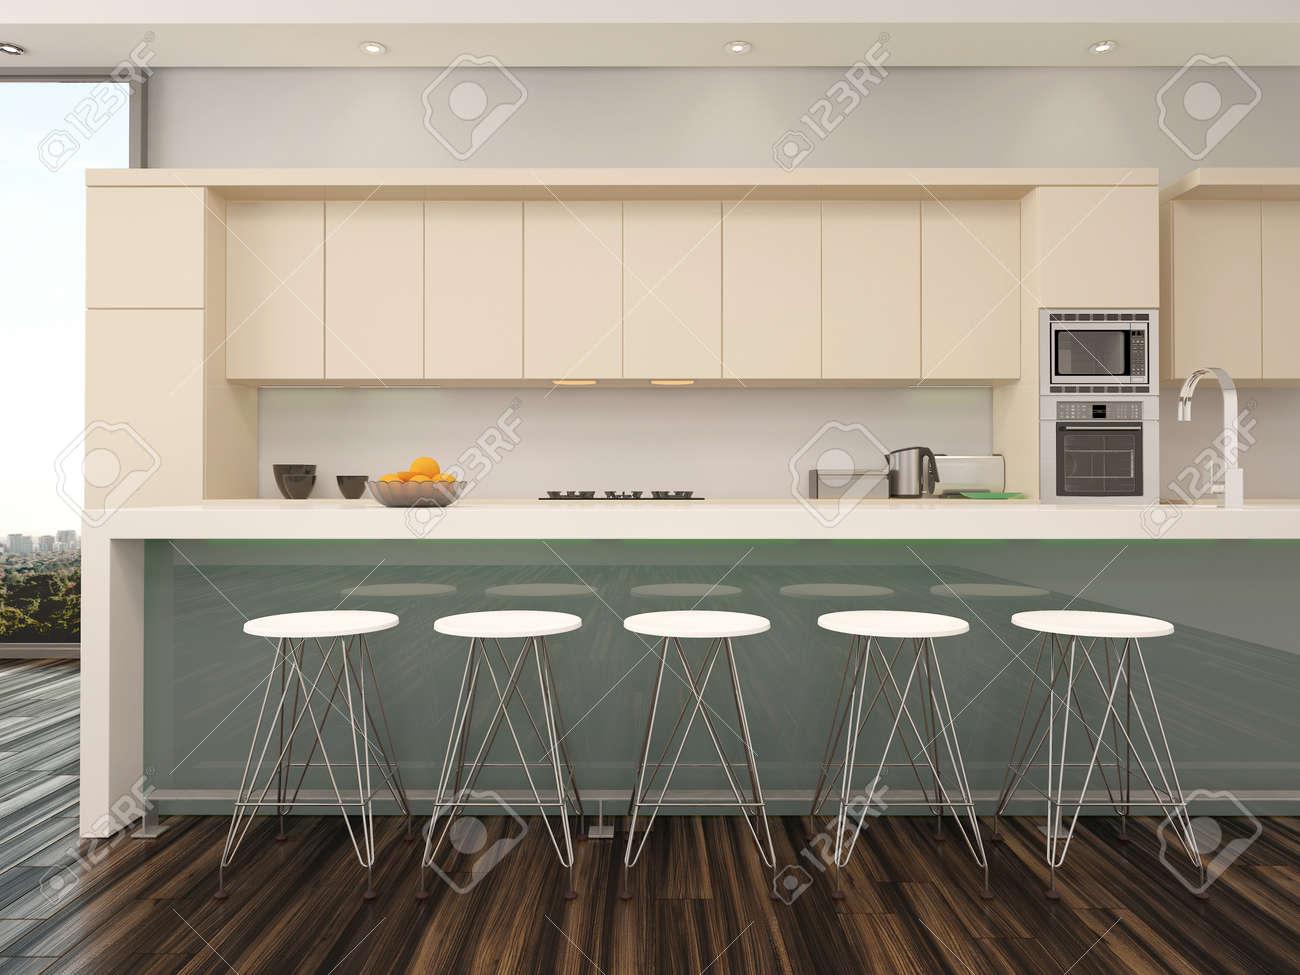 Ouverte Interieur Appartement De Cuisine Moderne Avec Un Comptoir